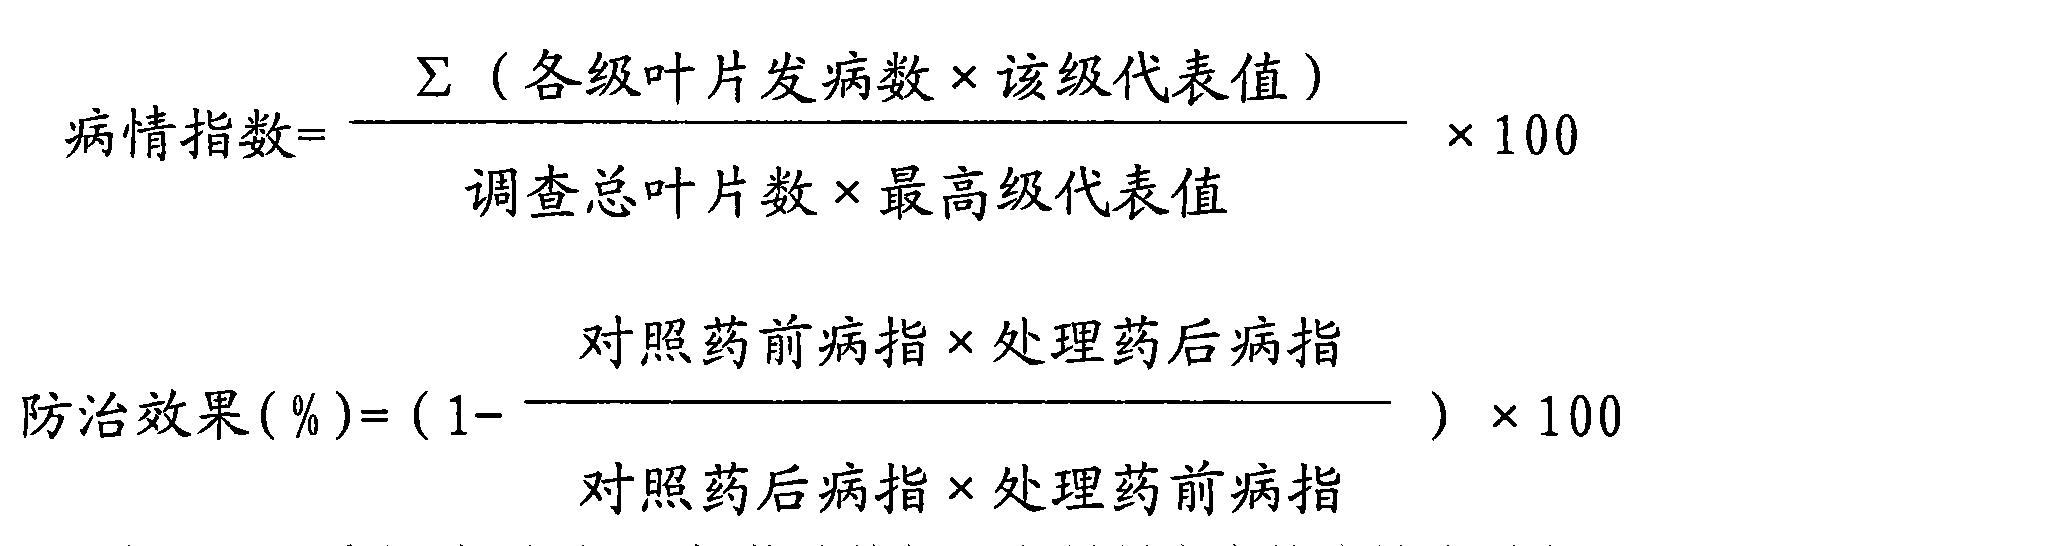 Figure CN101755755BD00081